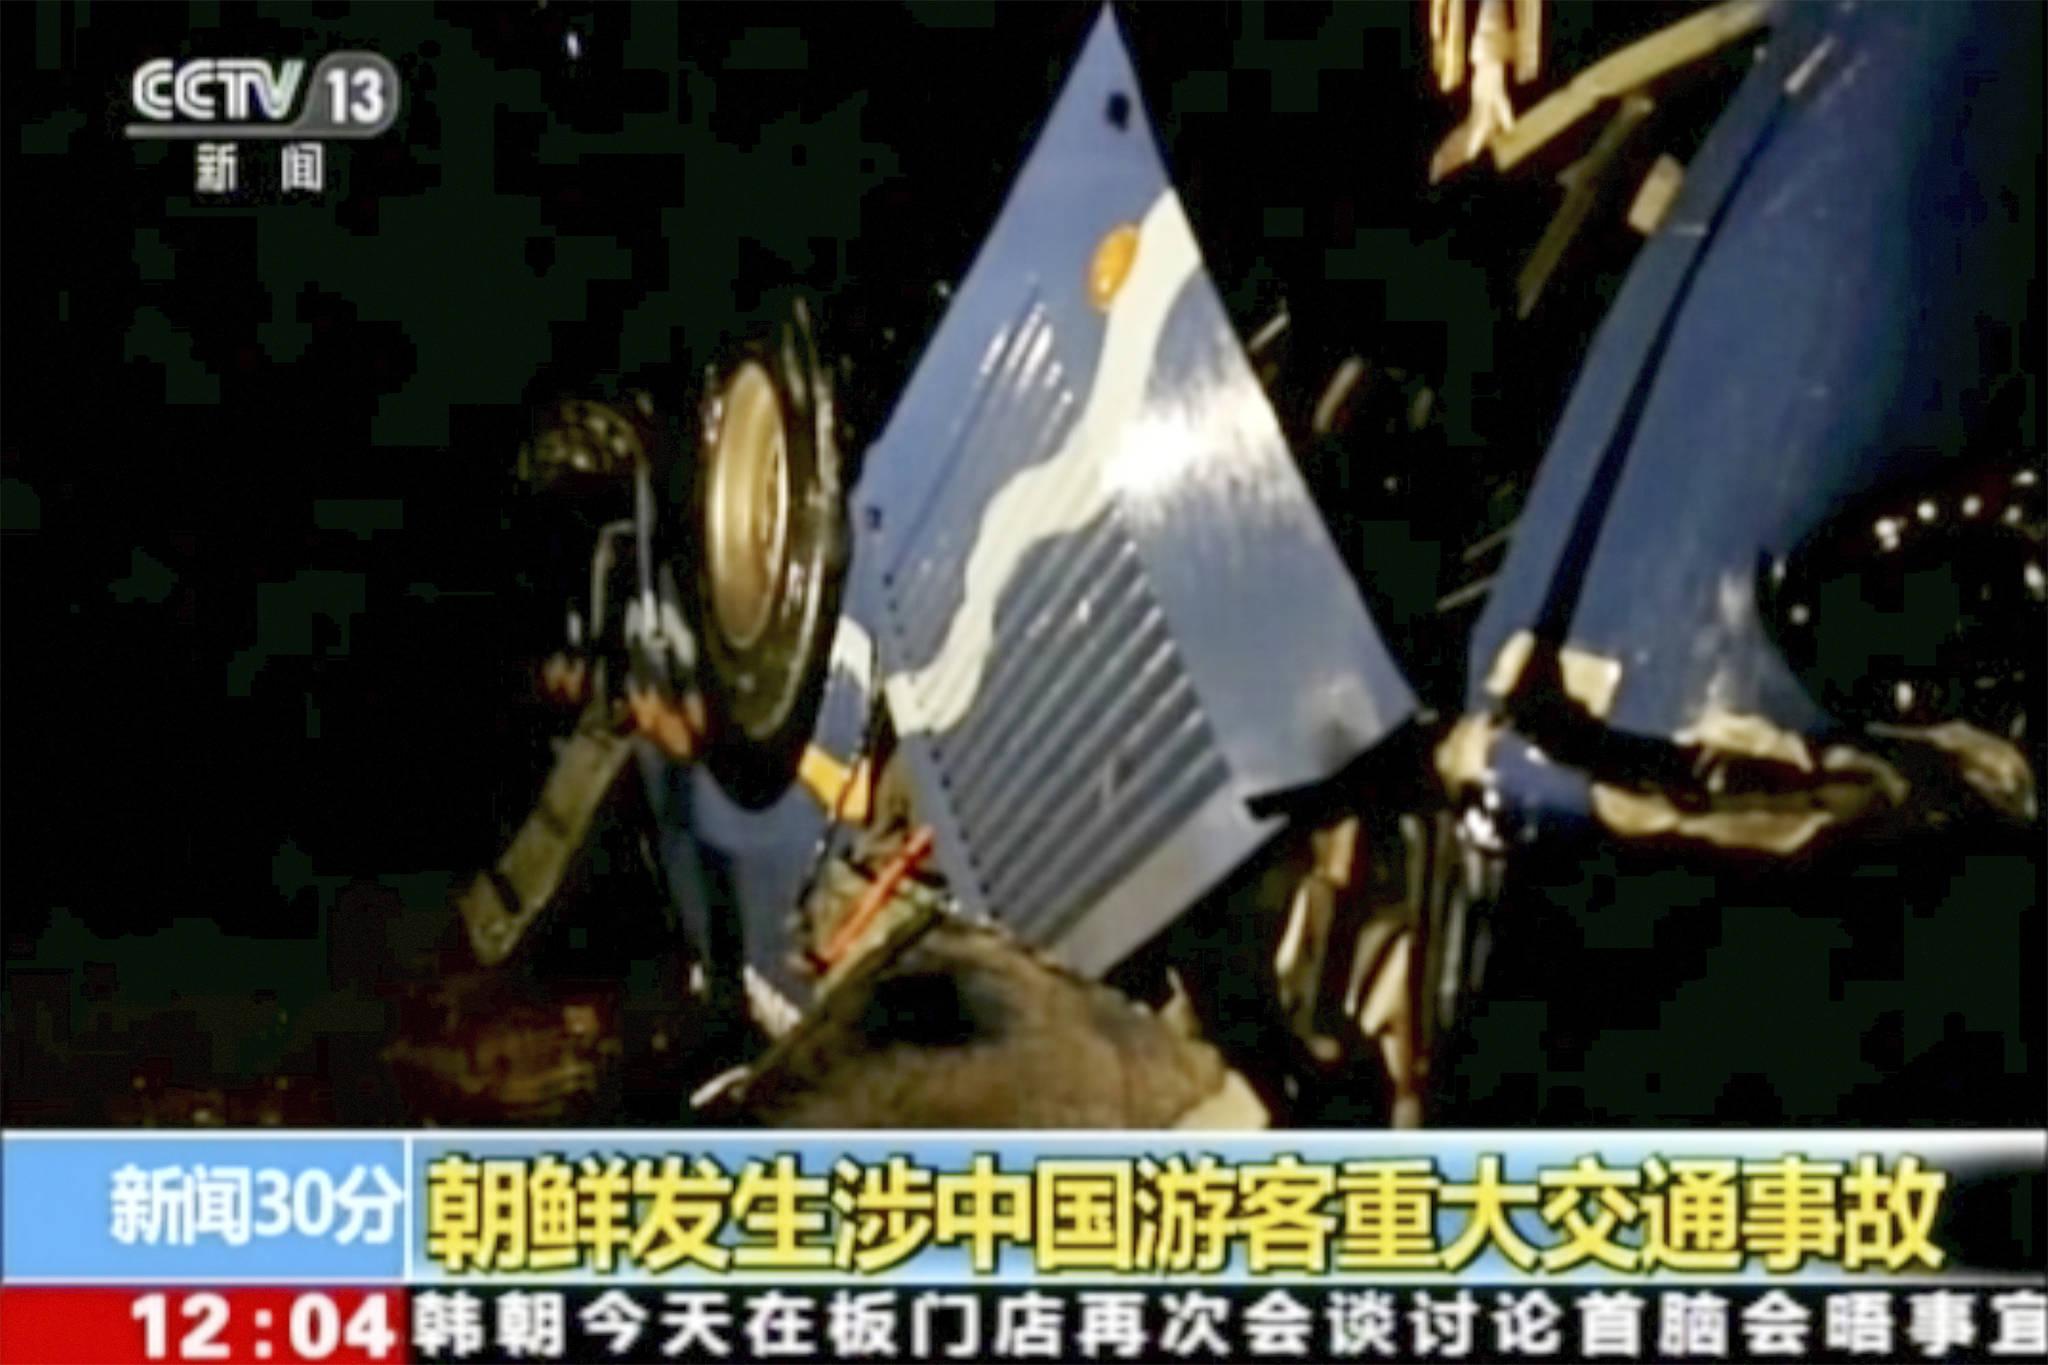 22일 북한 황해북도에서 대형 교통사고가 발생해 중국인 관광객 32명이 숨지고 2명이 다쳤다. 북한 주민 4명도 희생됐다. 사진은 중국중앙방송의 사고 현장 영상. [AP=연합뉴스]